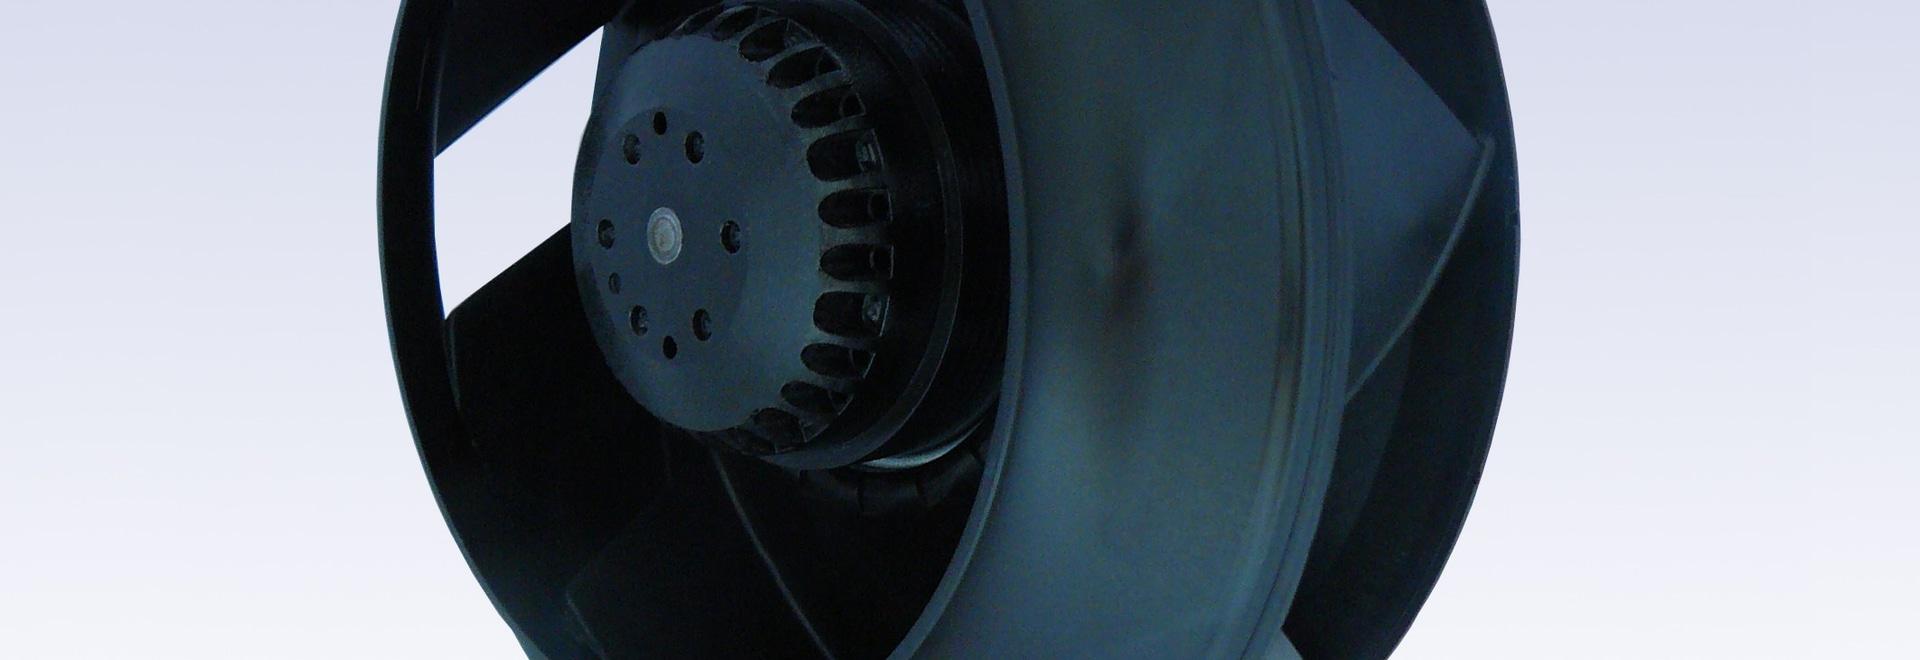 E-Wheel backward fan